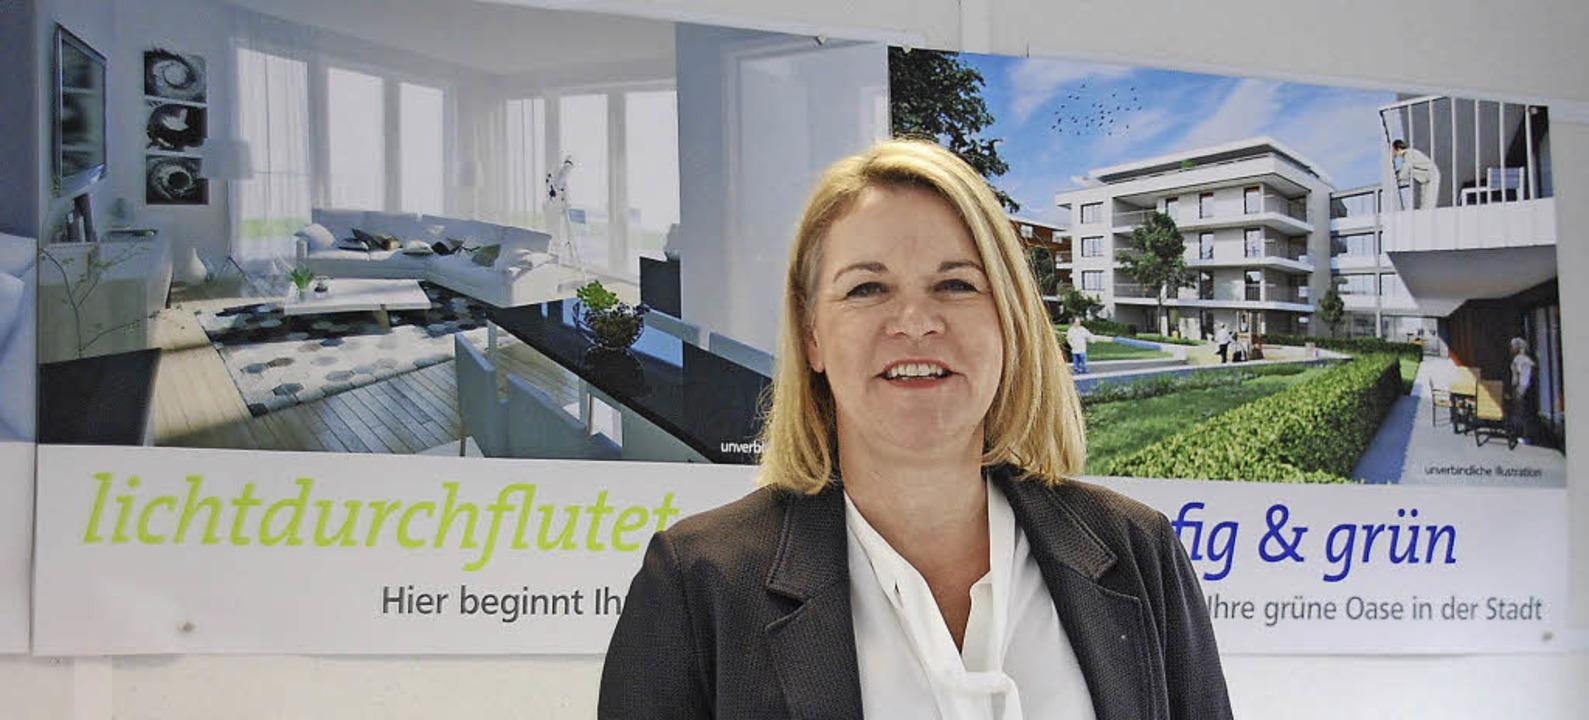 Caroline Donche-Brugger ist sehr zufrieden mit der Nachfrage.    Foto: Ralf Staub